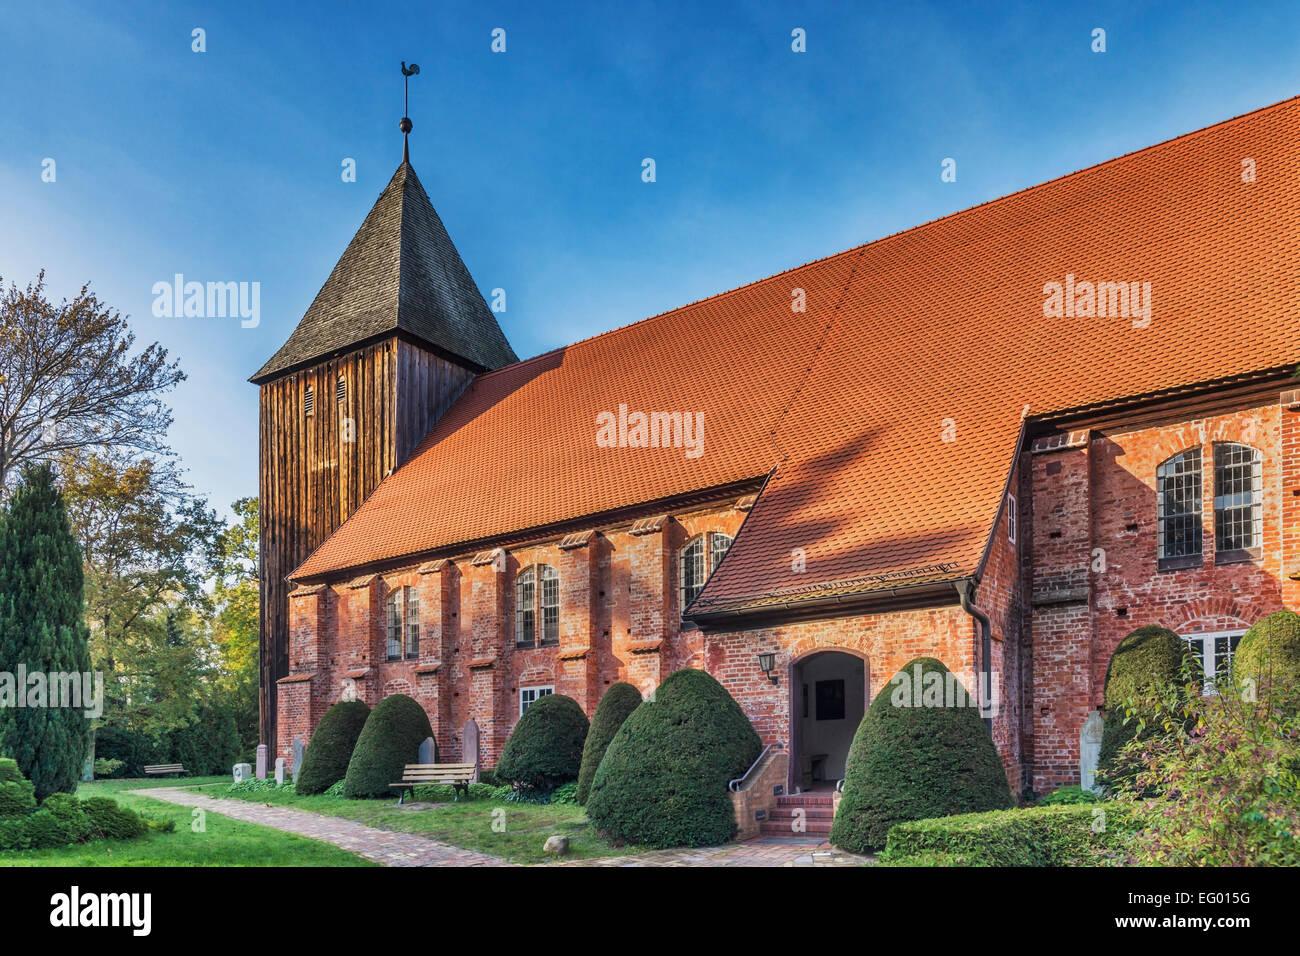 Die politisierte Kirche Prerow wurde von 1726 bis 1728, Fischland-Darß-Zingst, Mecklenburg-Western Pomerania, Deutschland, Europa Stockfoto